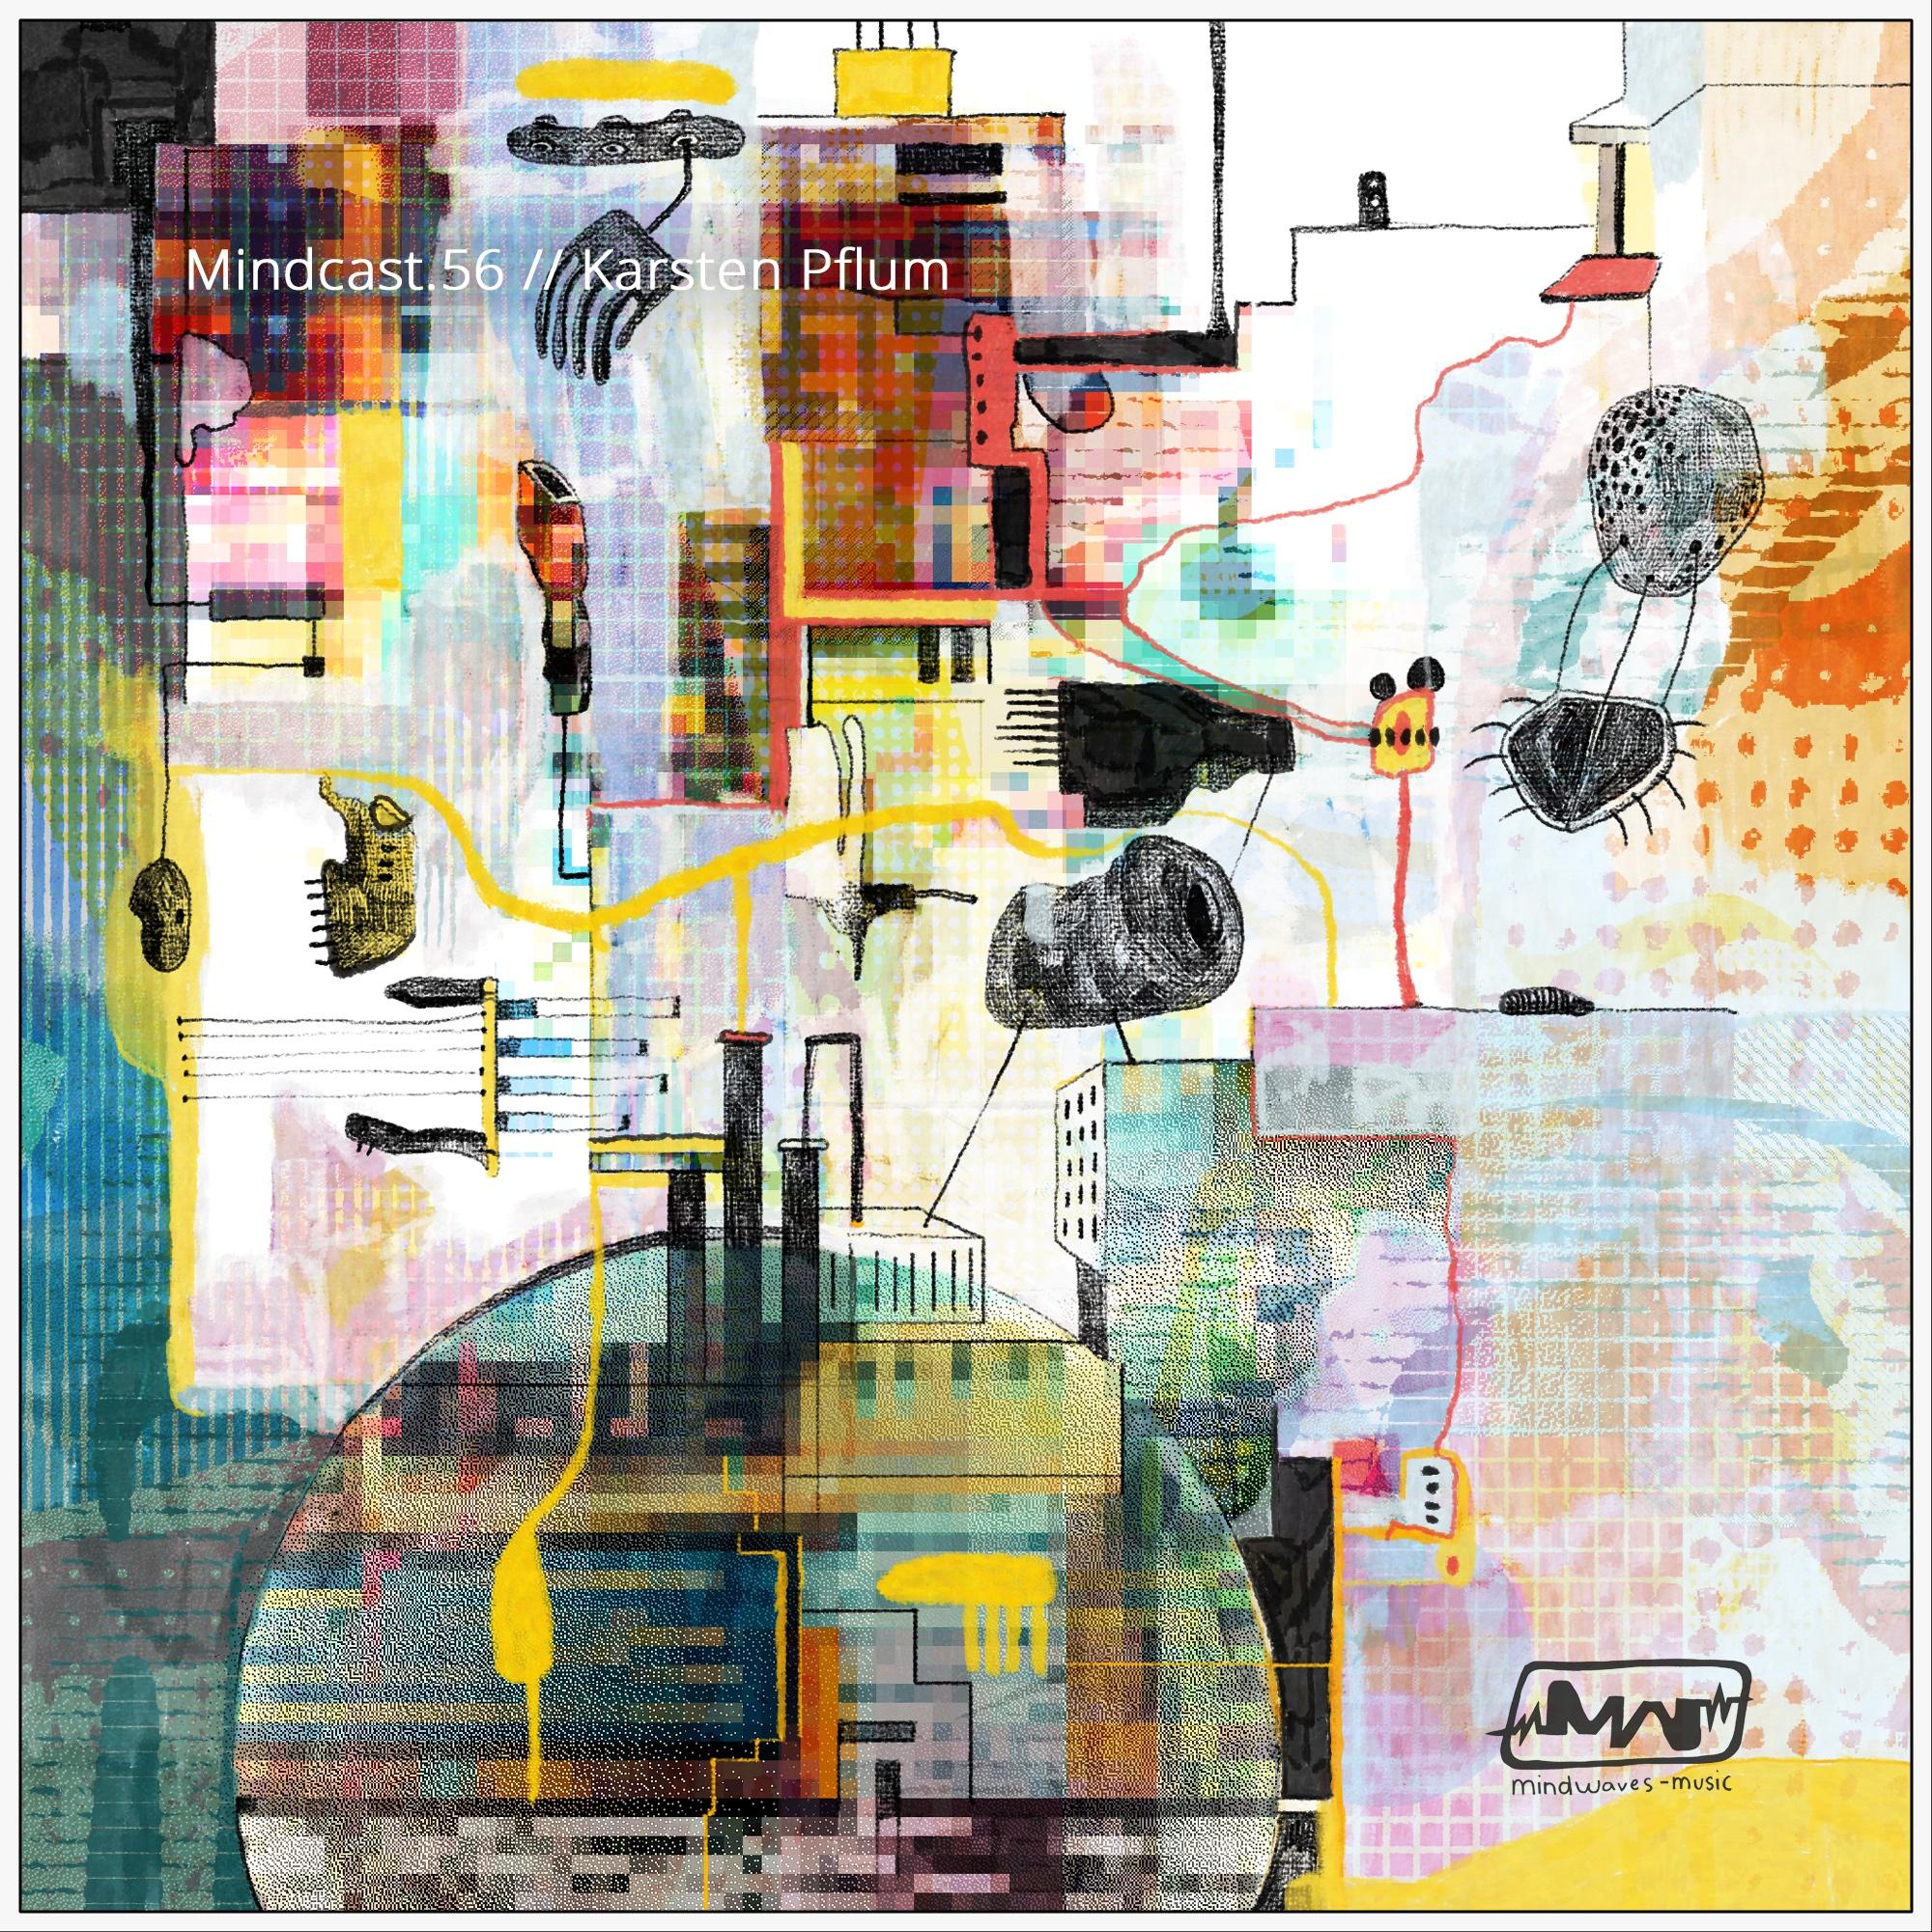 Mindcast.56 // Karsten Pflum